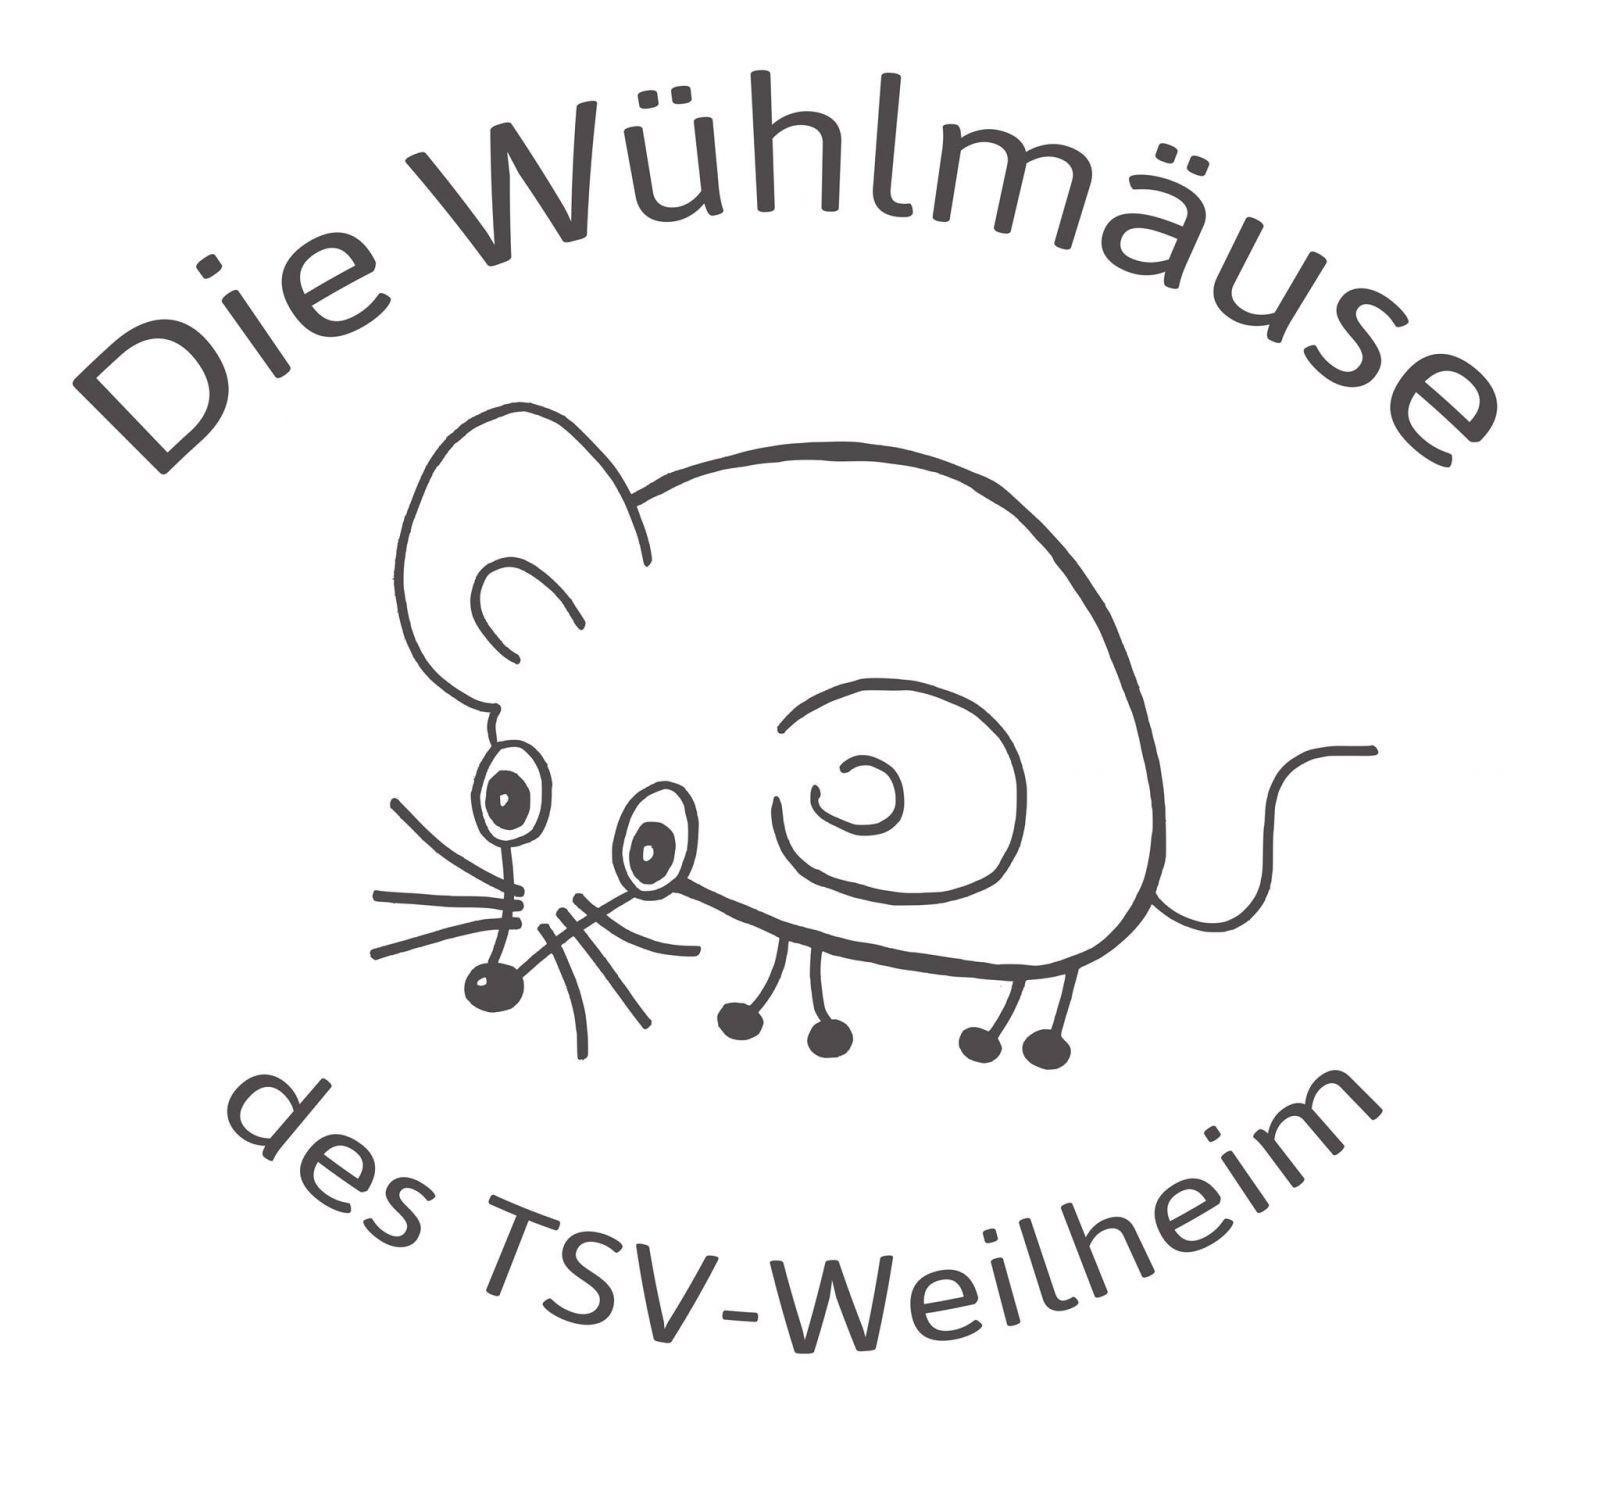 Logo-WuehlmaeuseTSVmS